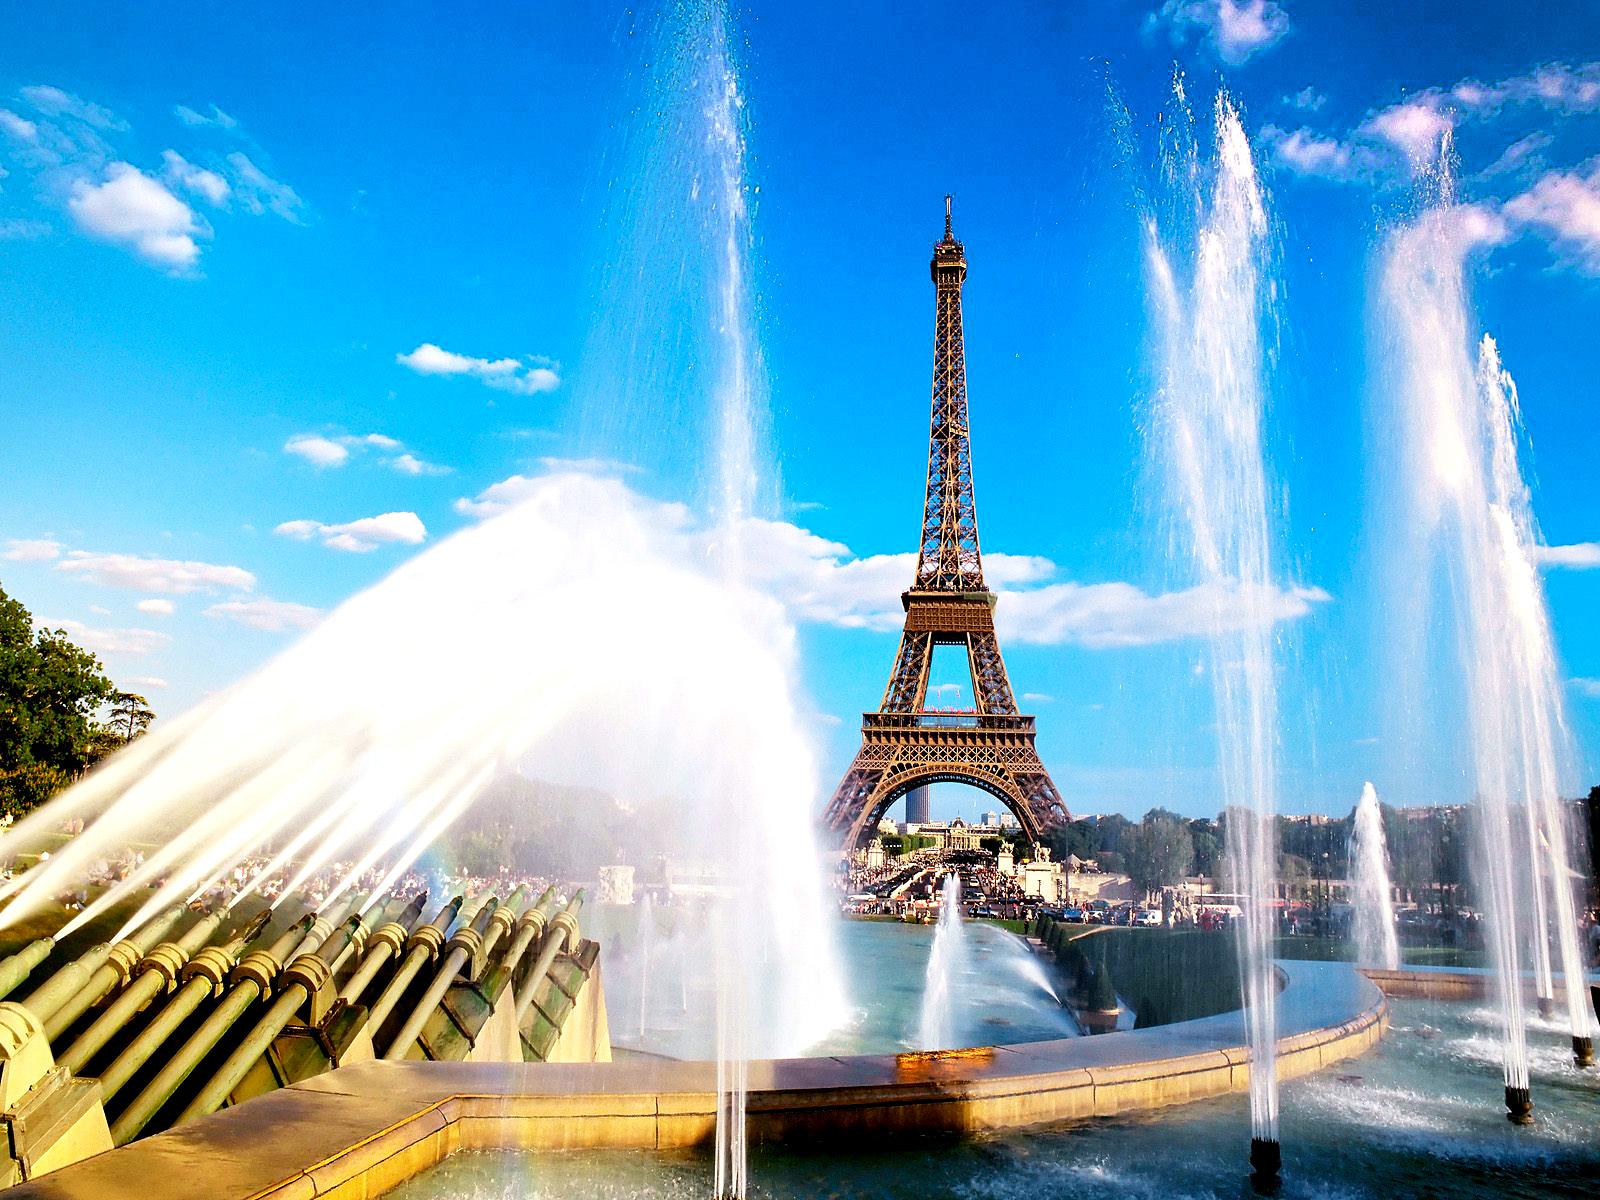 Eiffel Tower Paris City Landscapes HD Wallpapers